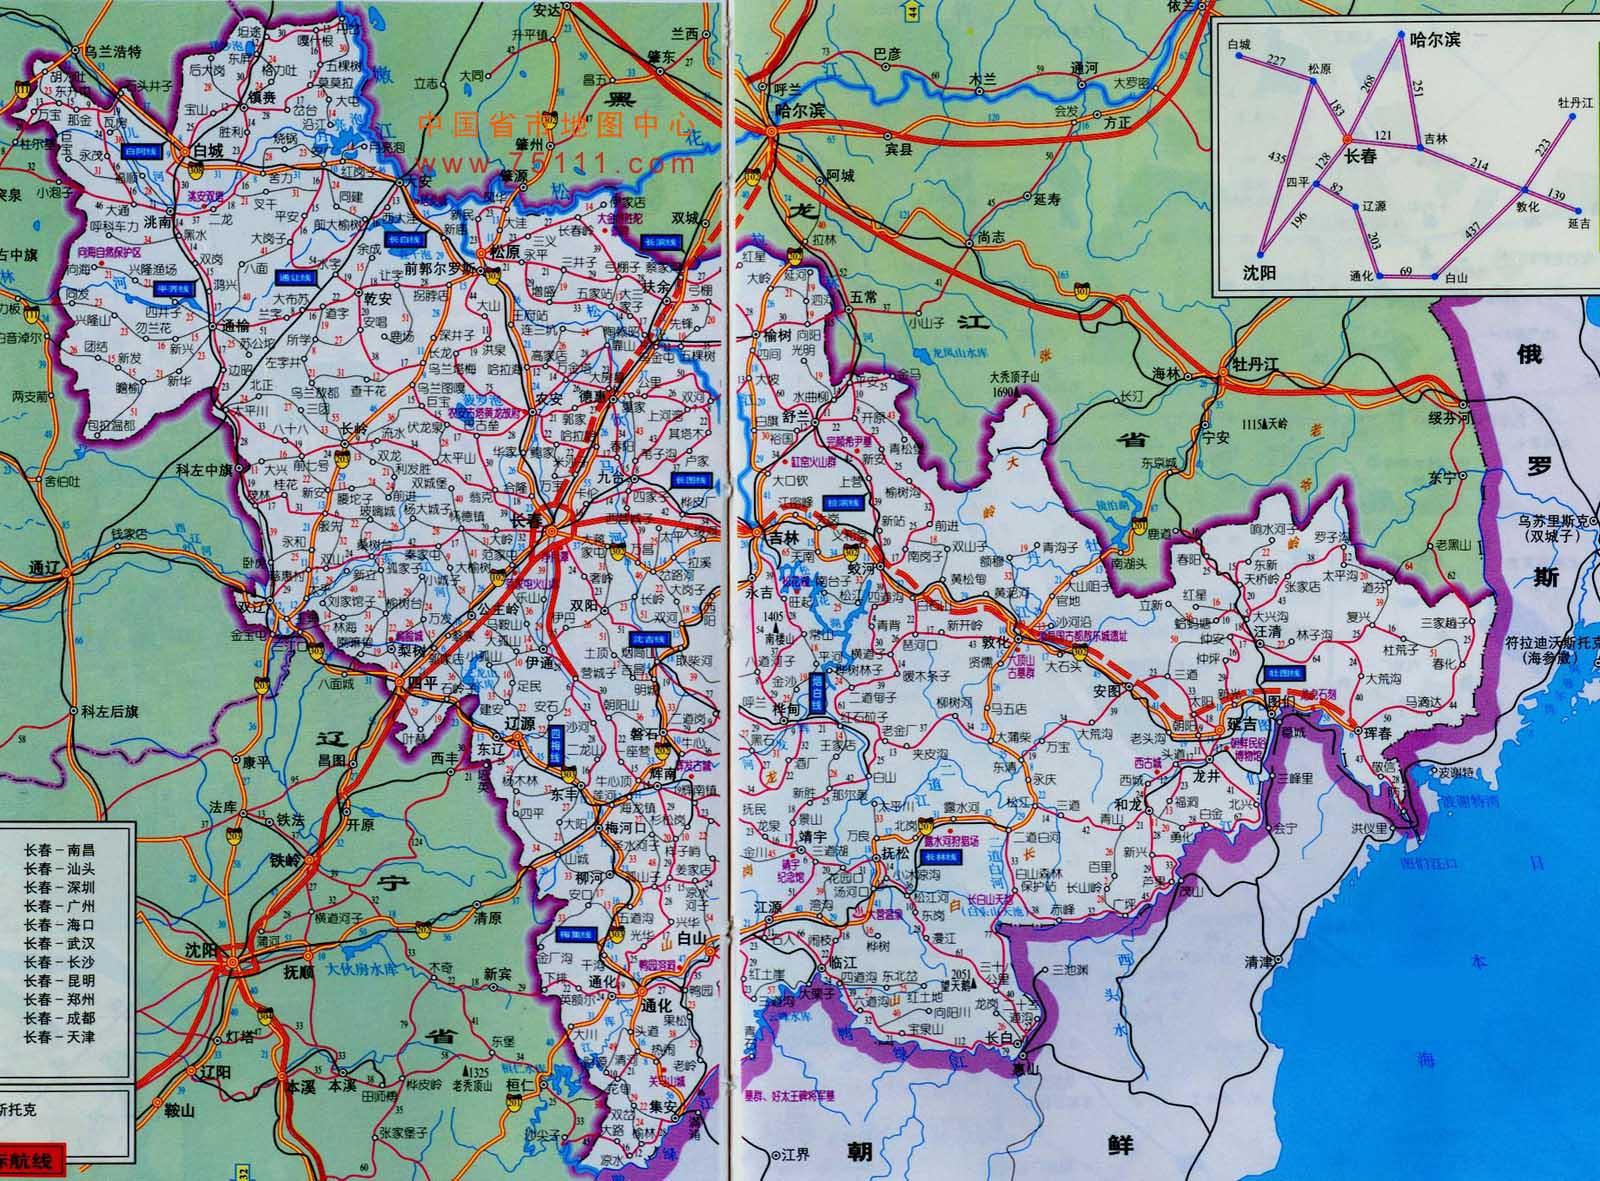 东北三省地图高清版_求东北三省地图东北三省地图